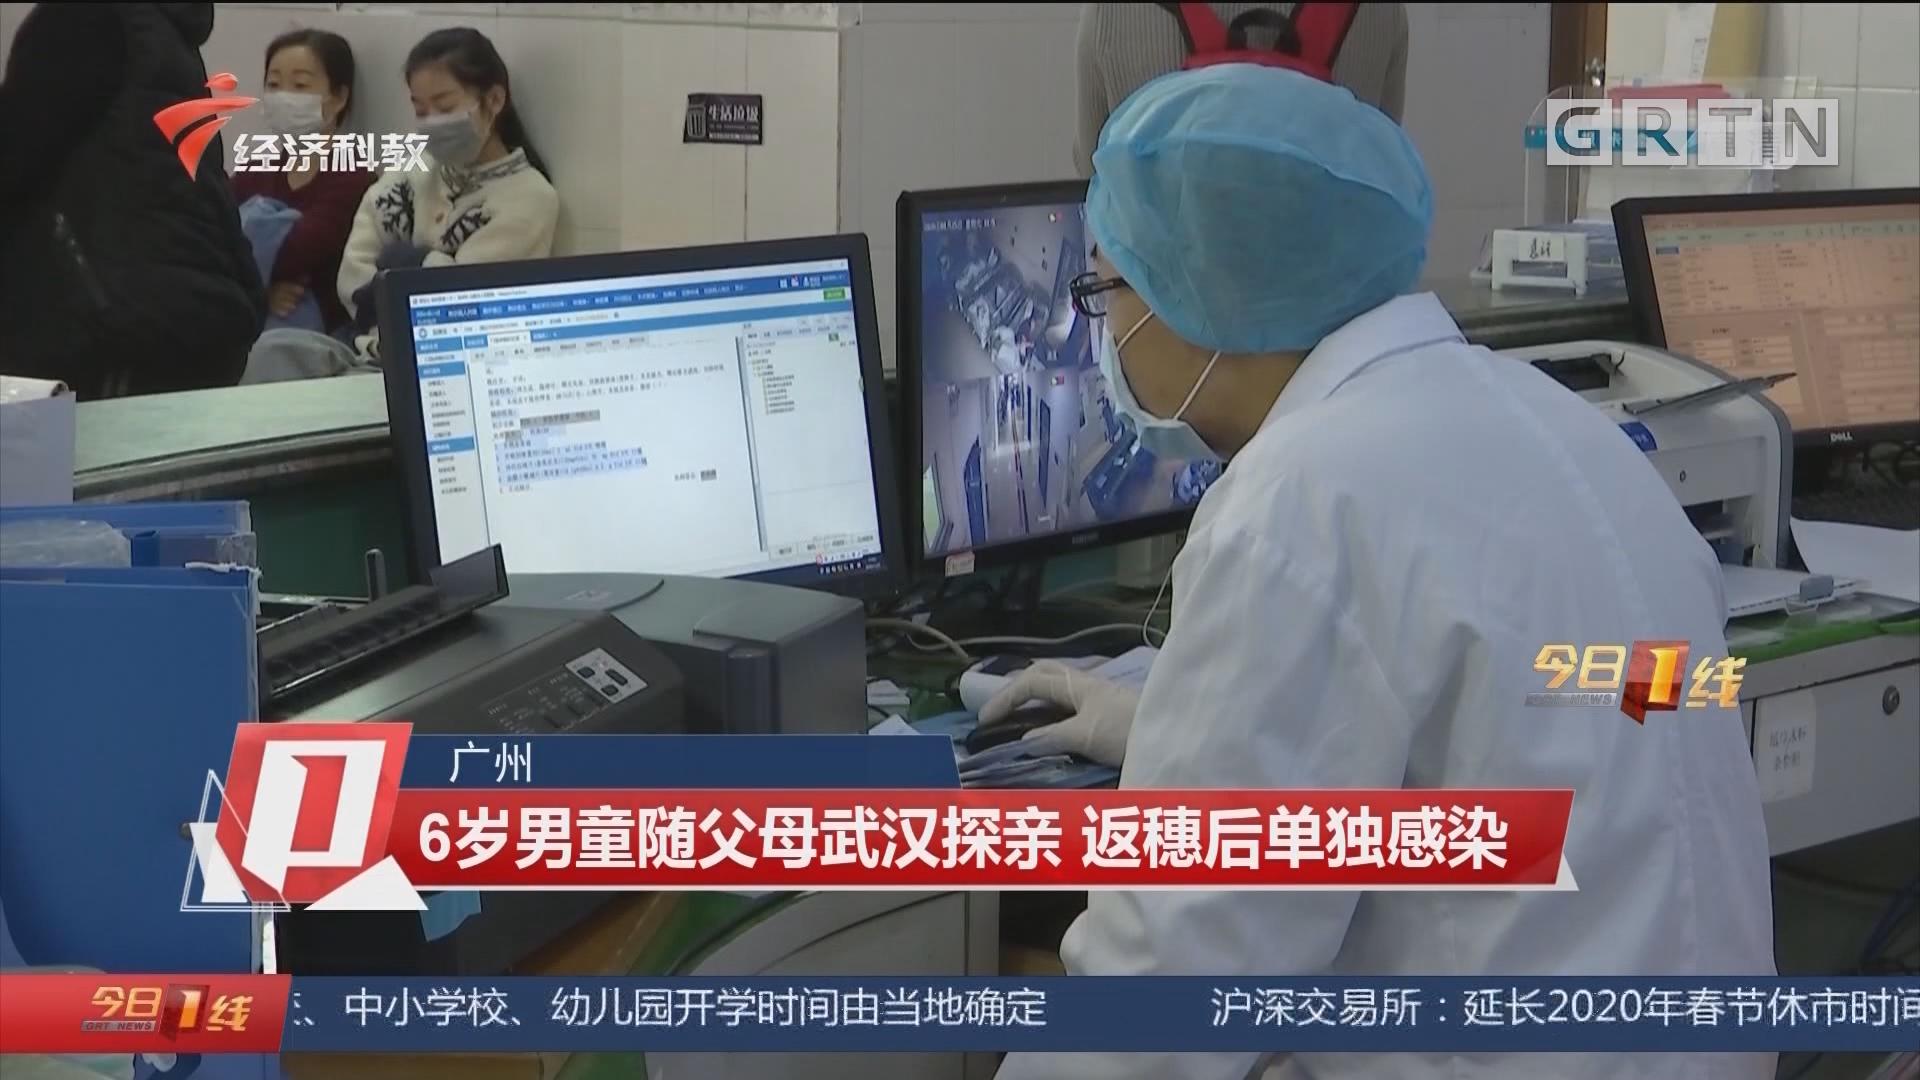 广州:6岁男童随父母武汉探亲 返穗后单独感染